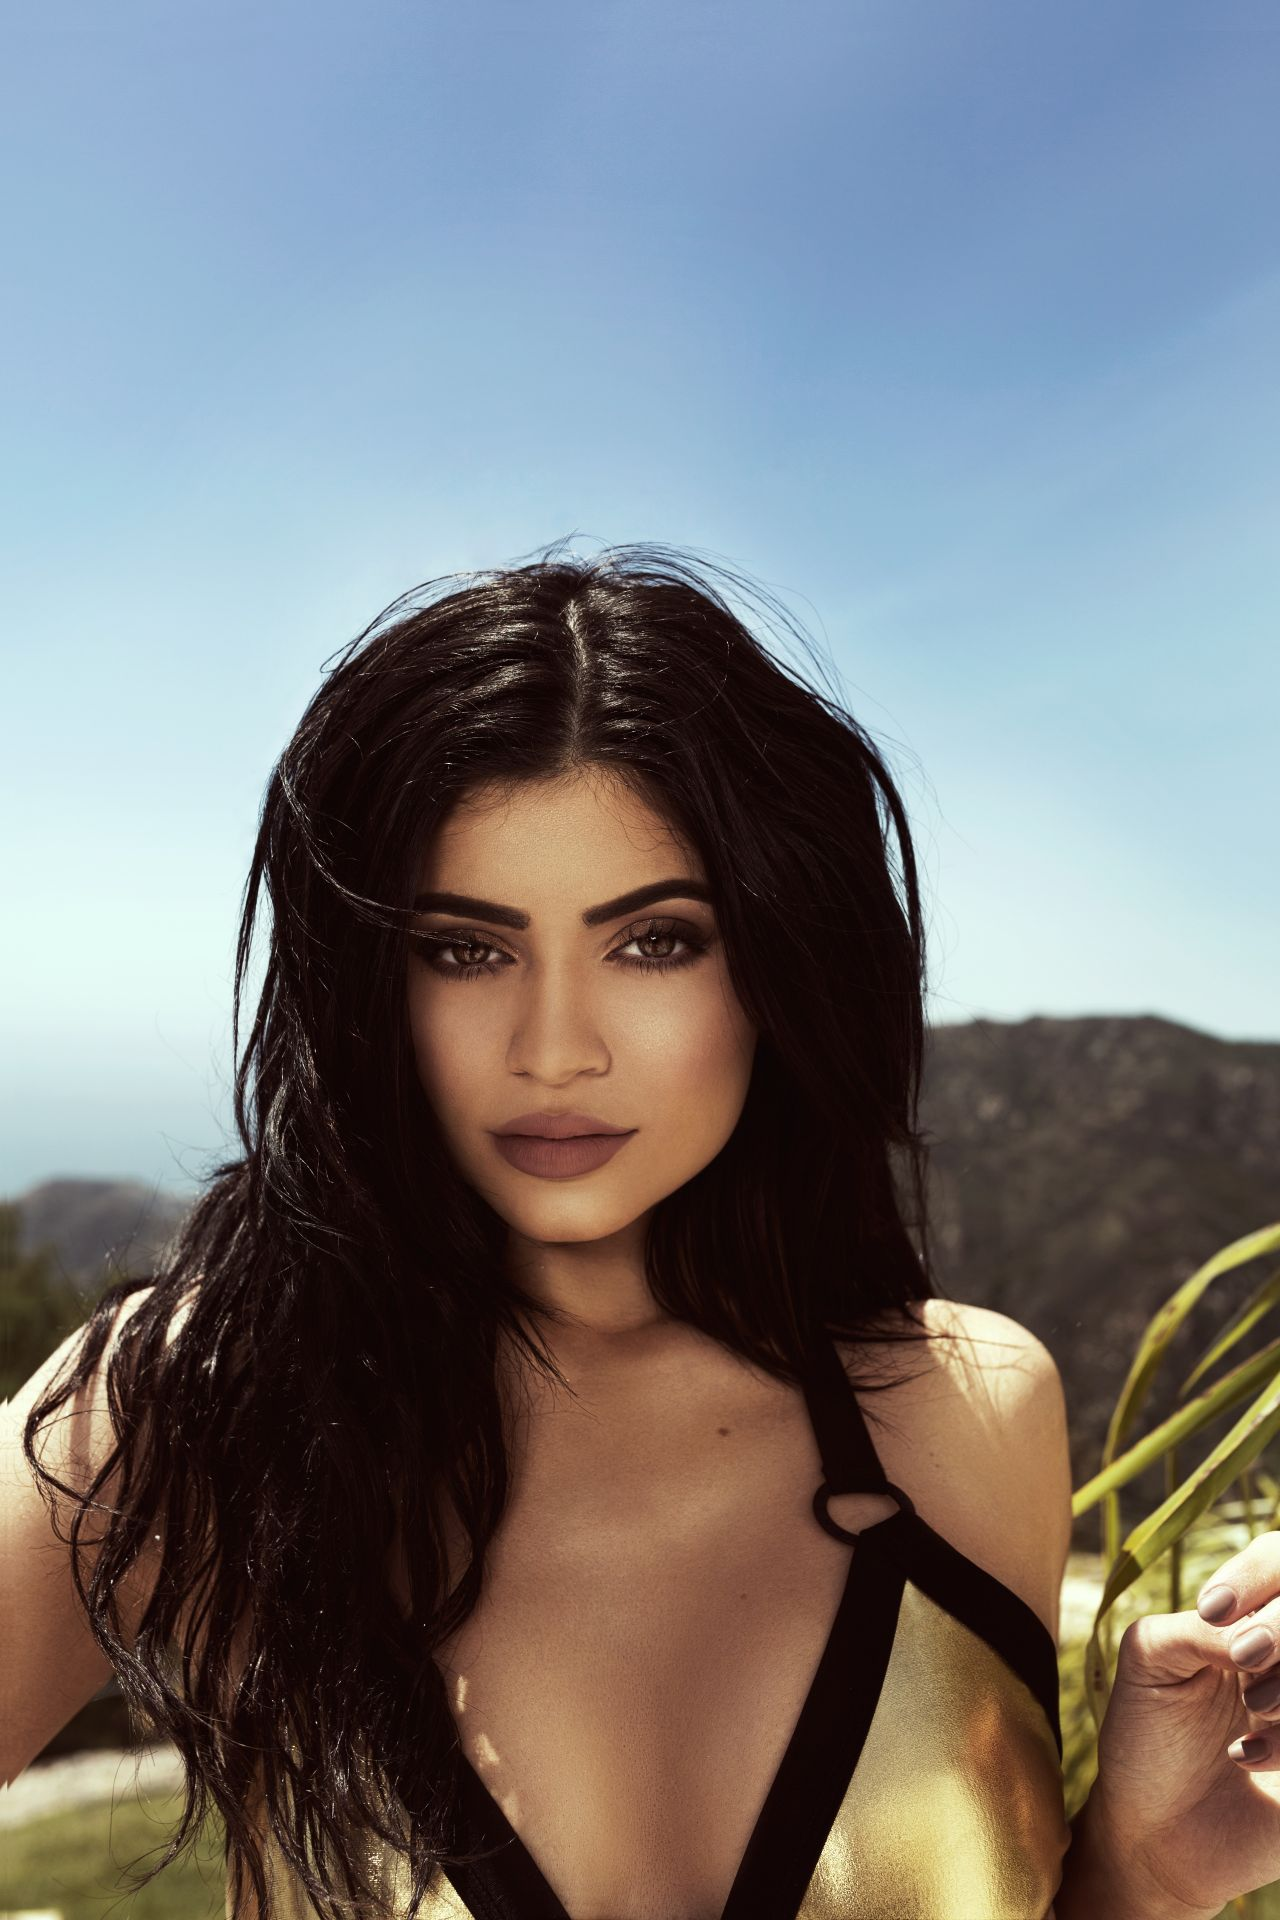 Kylie: Kylie Jenner Bikini Photos